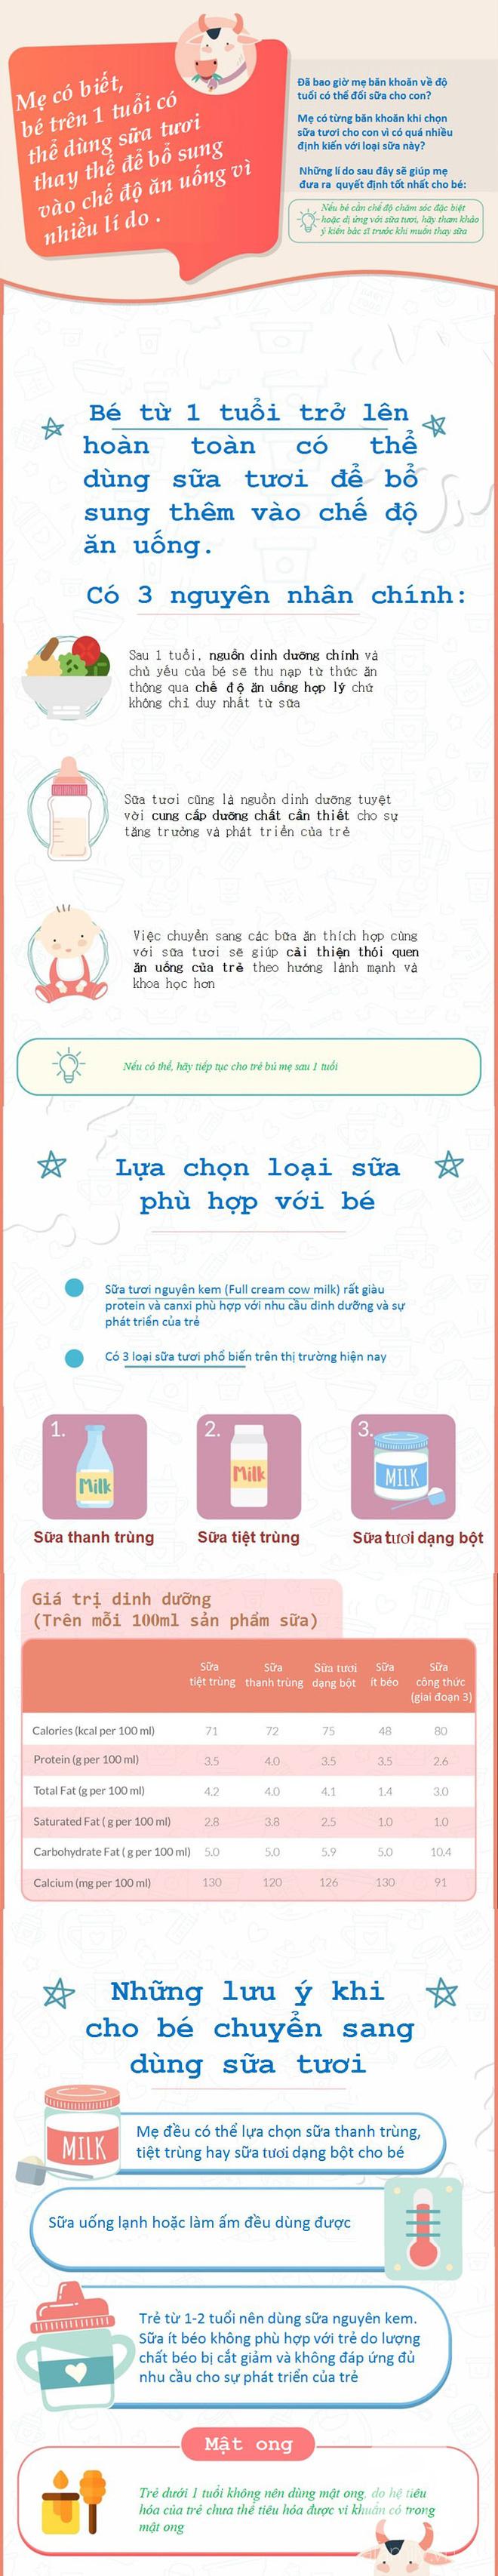 Khi bé trên 1 tuổi, mẹ hoàn toàn có thể cho con dùng loại sữa này - Ảnh 1.